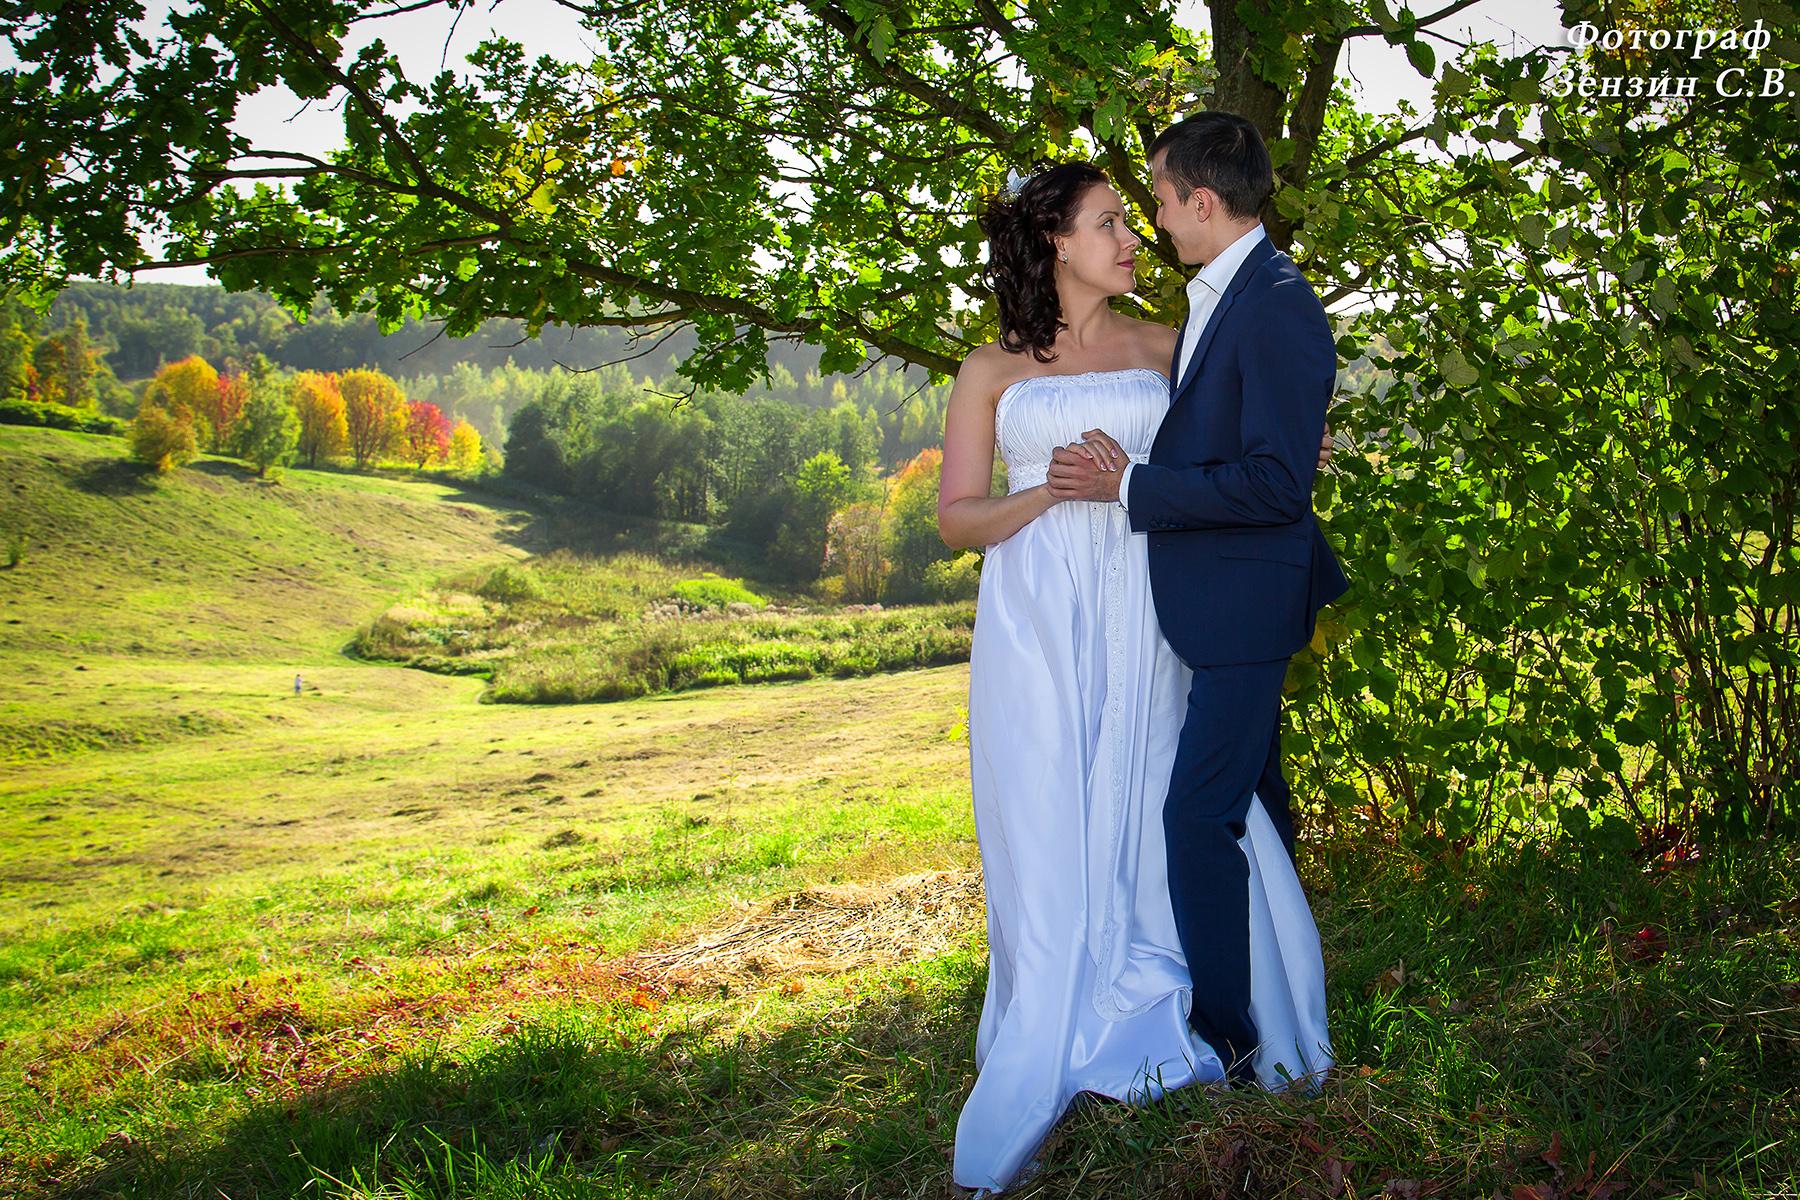 Свадьба Барнаул 26-09-2015 Лилия + Тимур. фотограф Зензин С. В. http___www.photo-svz1